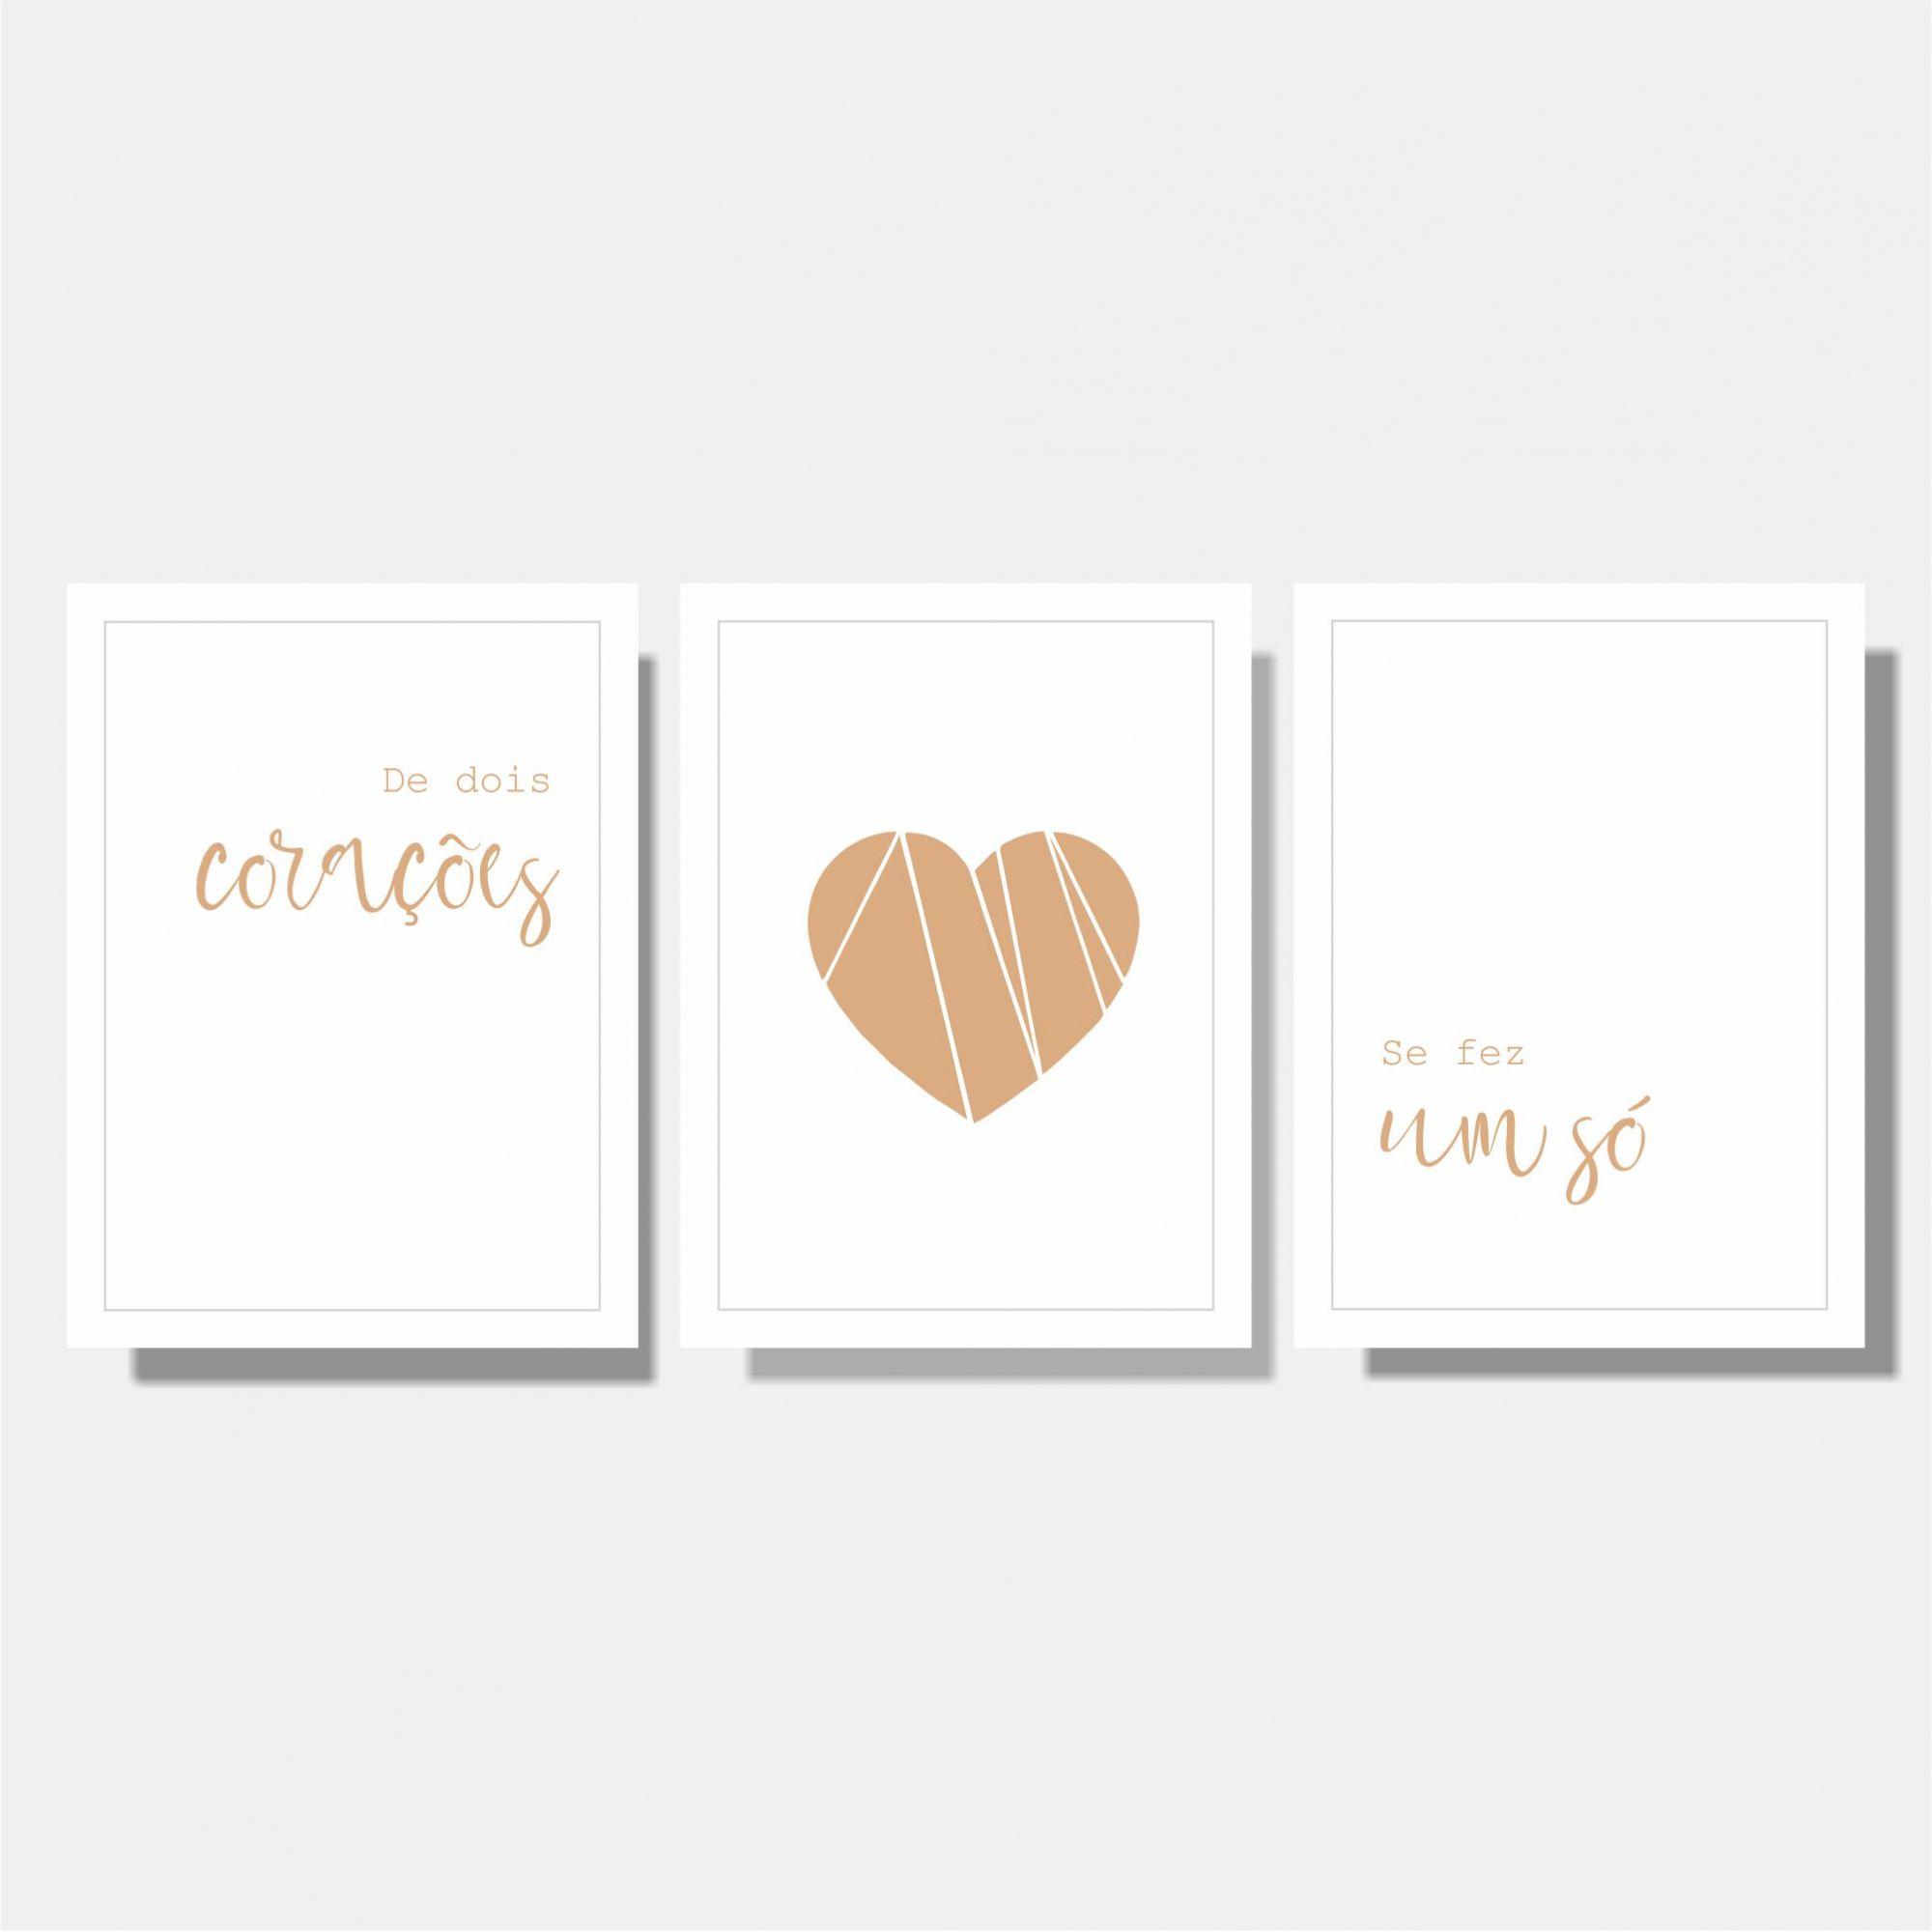 Kit Casal De Dois Corações / Coração / Se Fez Um Só